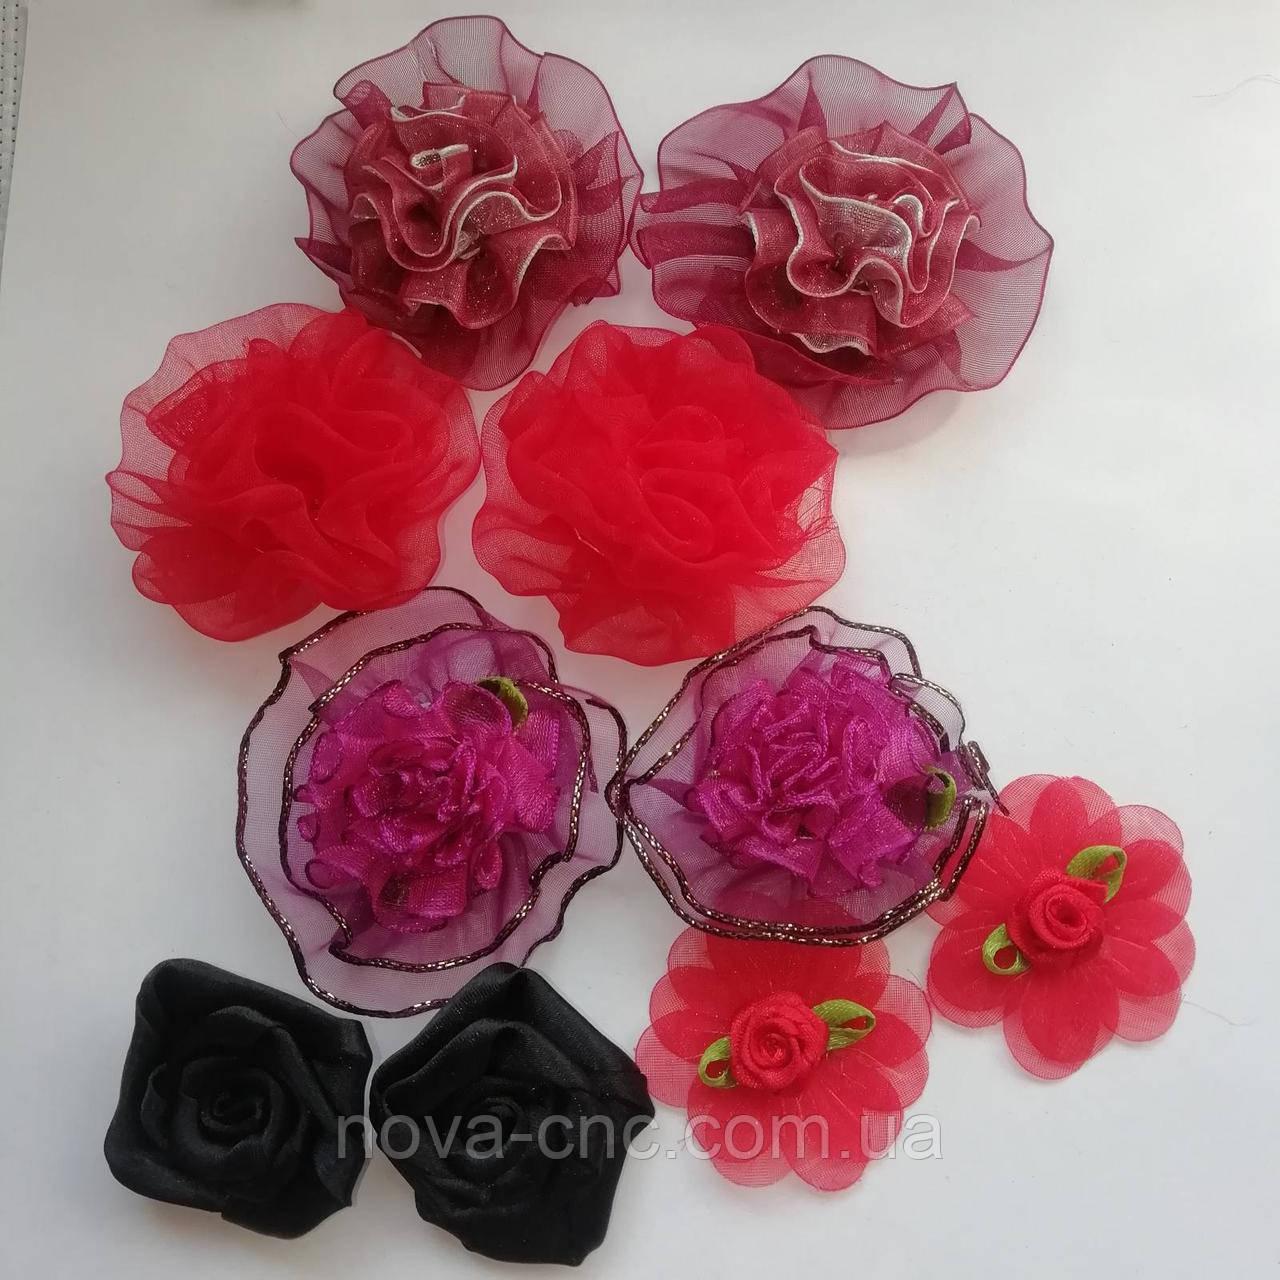 Квіти з шифону для декору Мікс 35 мм, 50 мм 10 шт